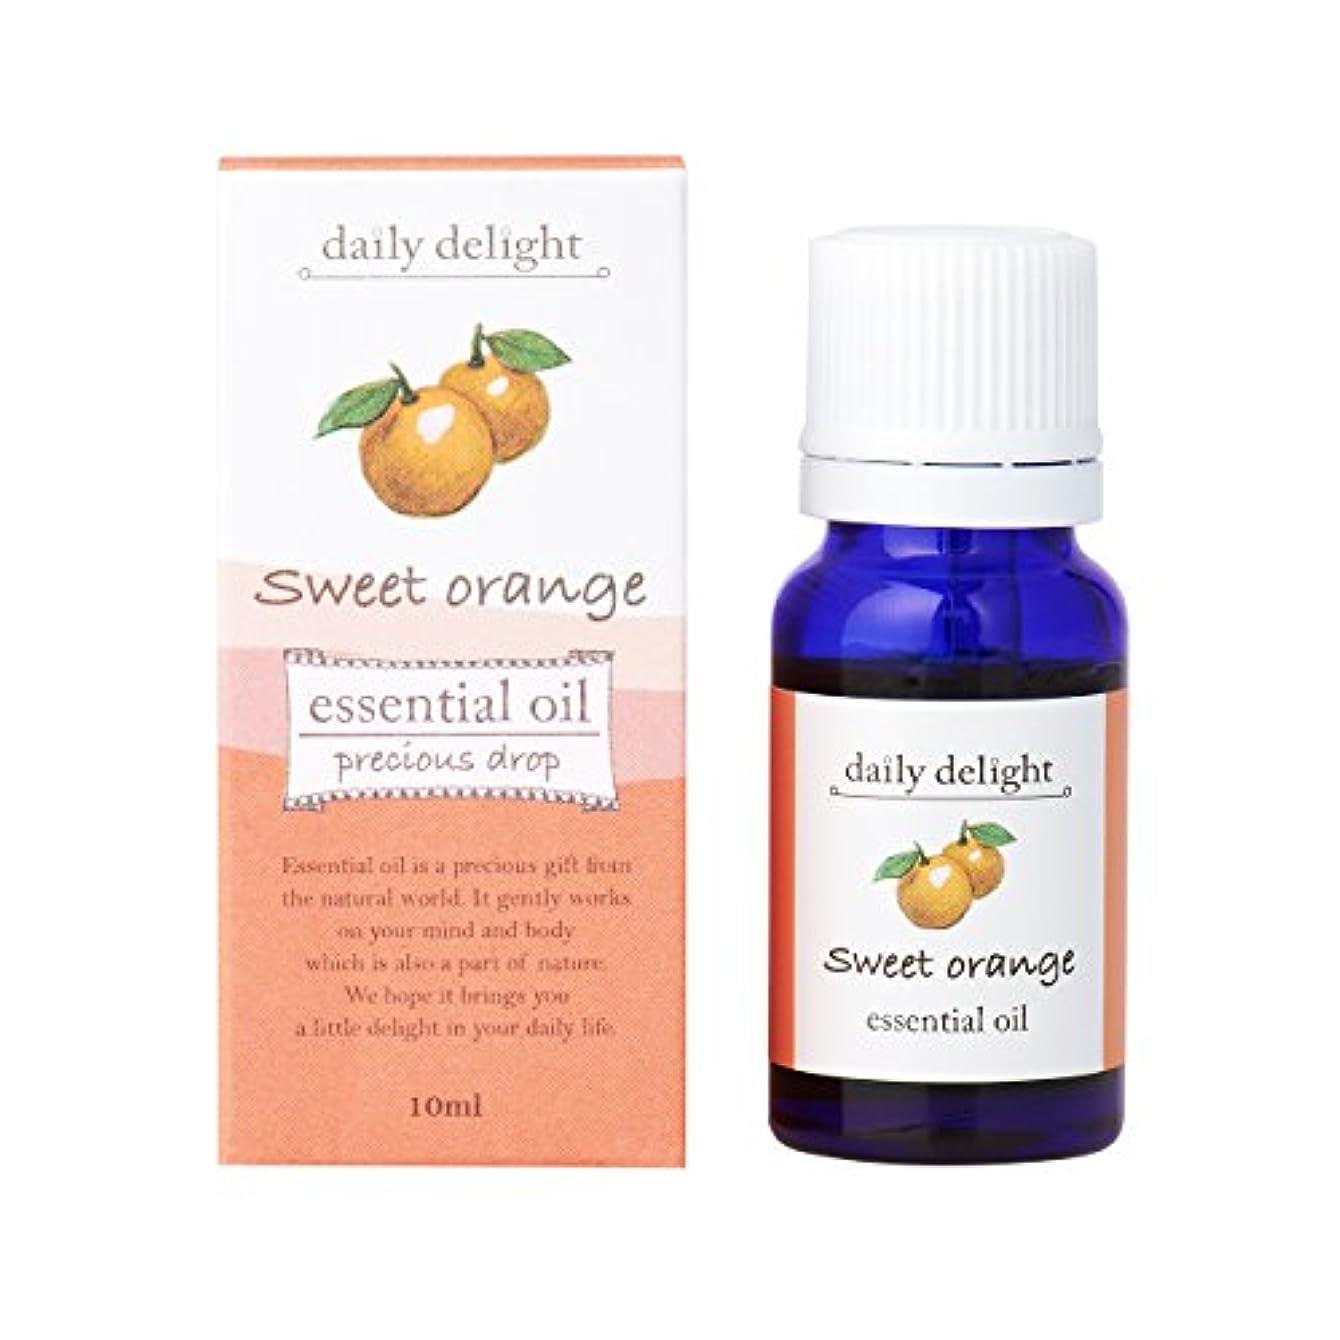 運動する成り立つ本能デイリーディライト エッセンシャルオイル  スイートオレンジ 10ml(天然100% 精油 アロマ 柑橘系 フルーティで甘く爽やかな香り)